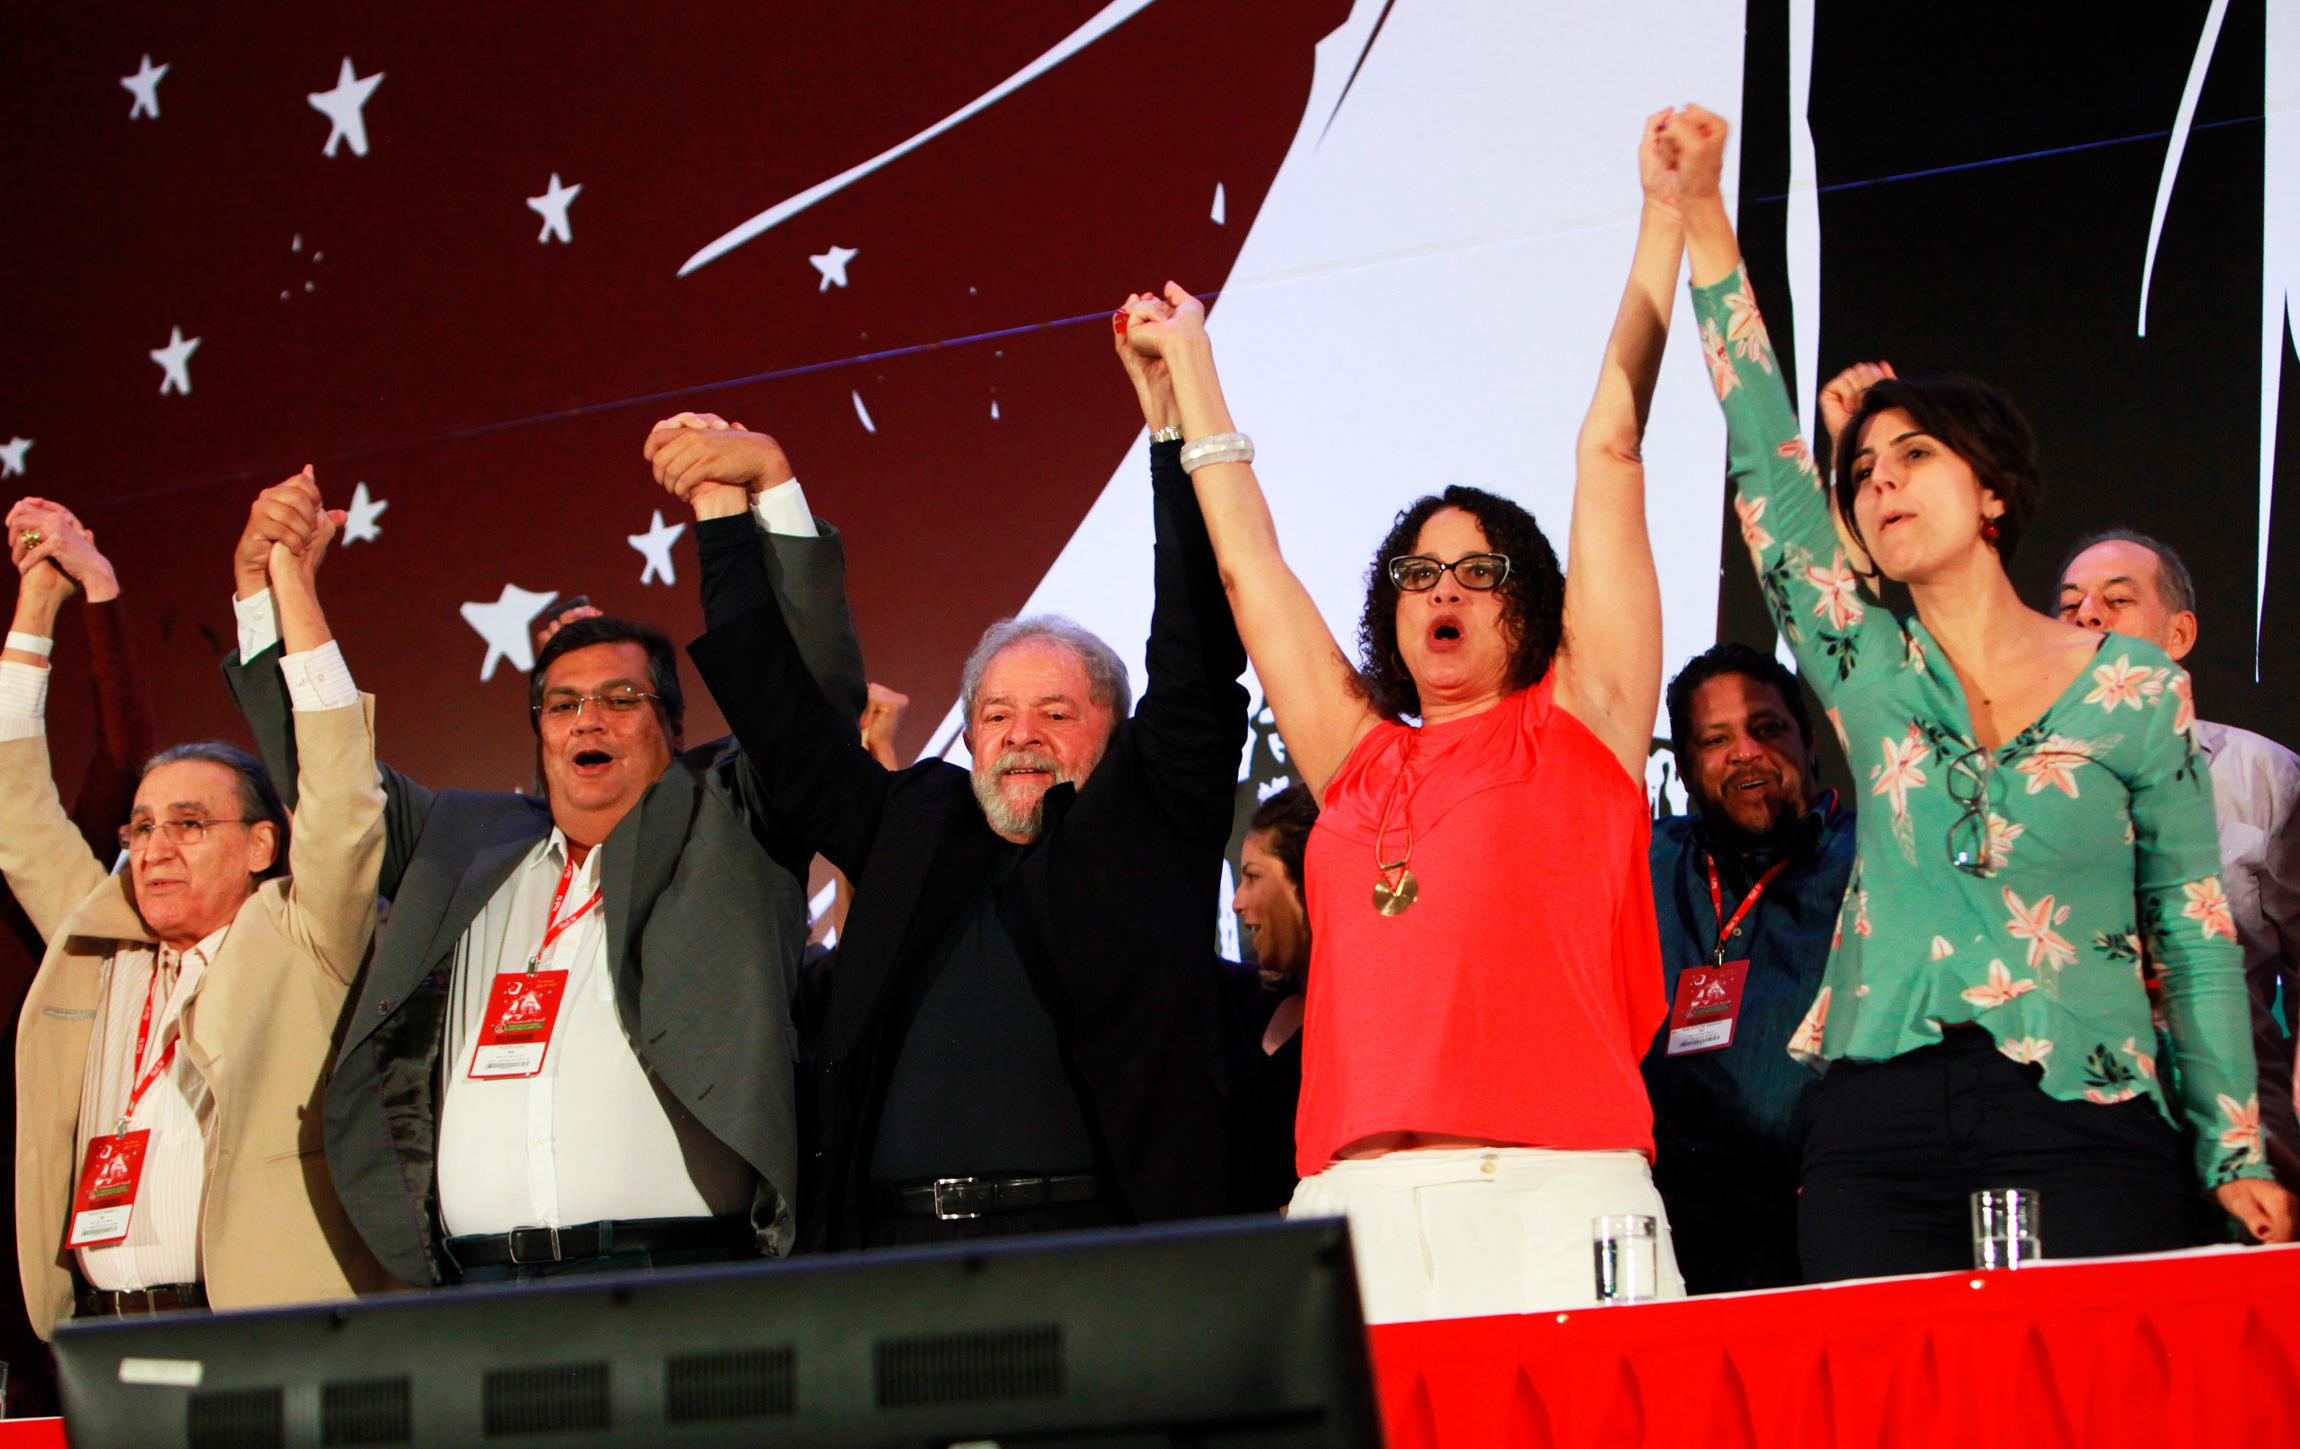 Lançamento da pré-candidatura da deputada estadual Manuela D`Ávila (PC do B-RS) à Presidência da República no Congresso Nacional do PC do B, em 19 de novembro de 2017.